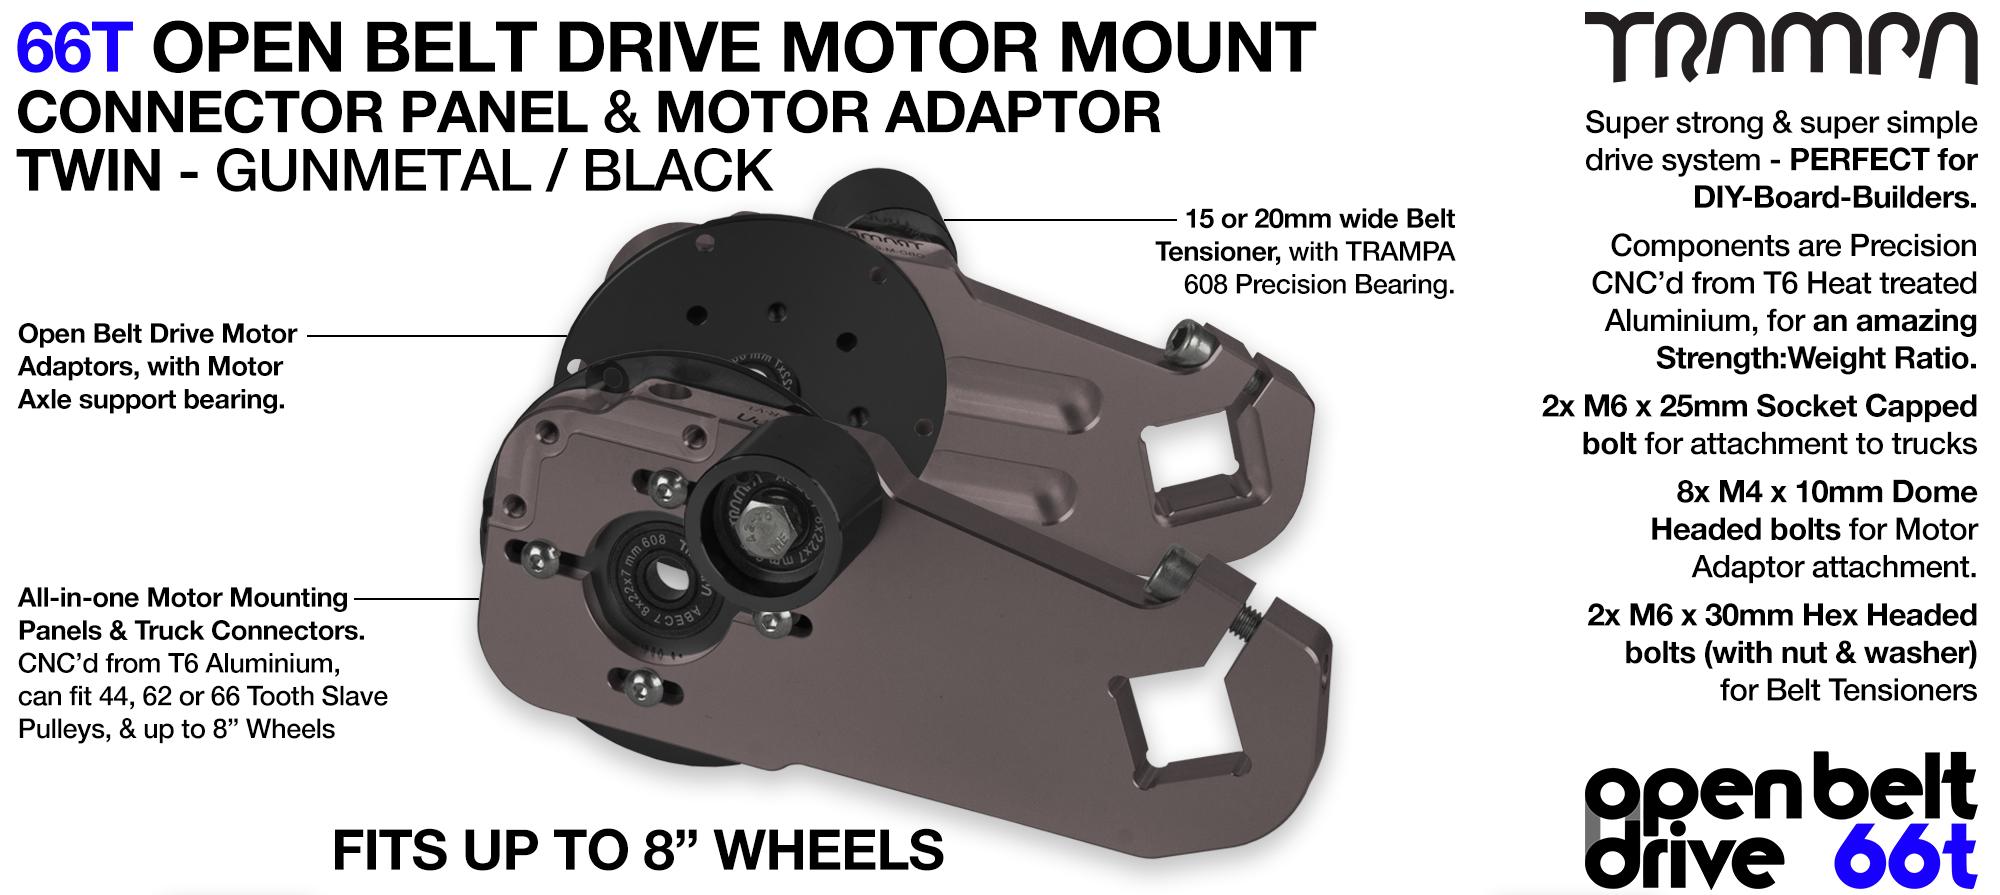 66T OPEN BELT DRIVE Motor Mount & Motor Adaptor - TWIN GUNMETAL